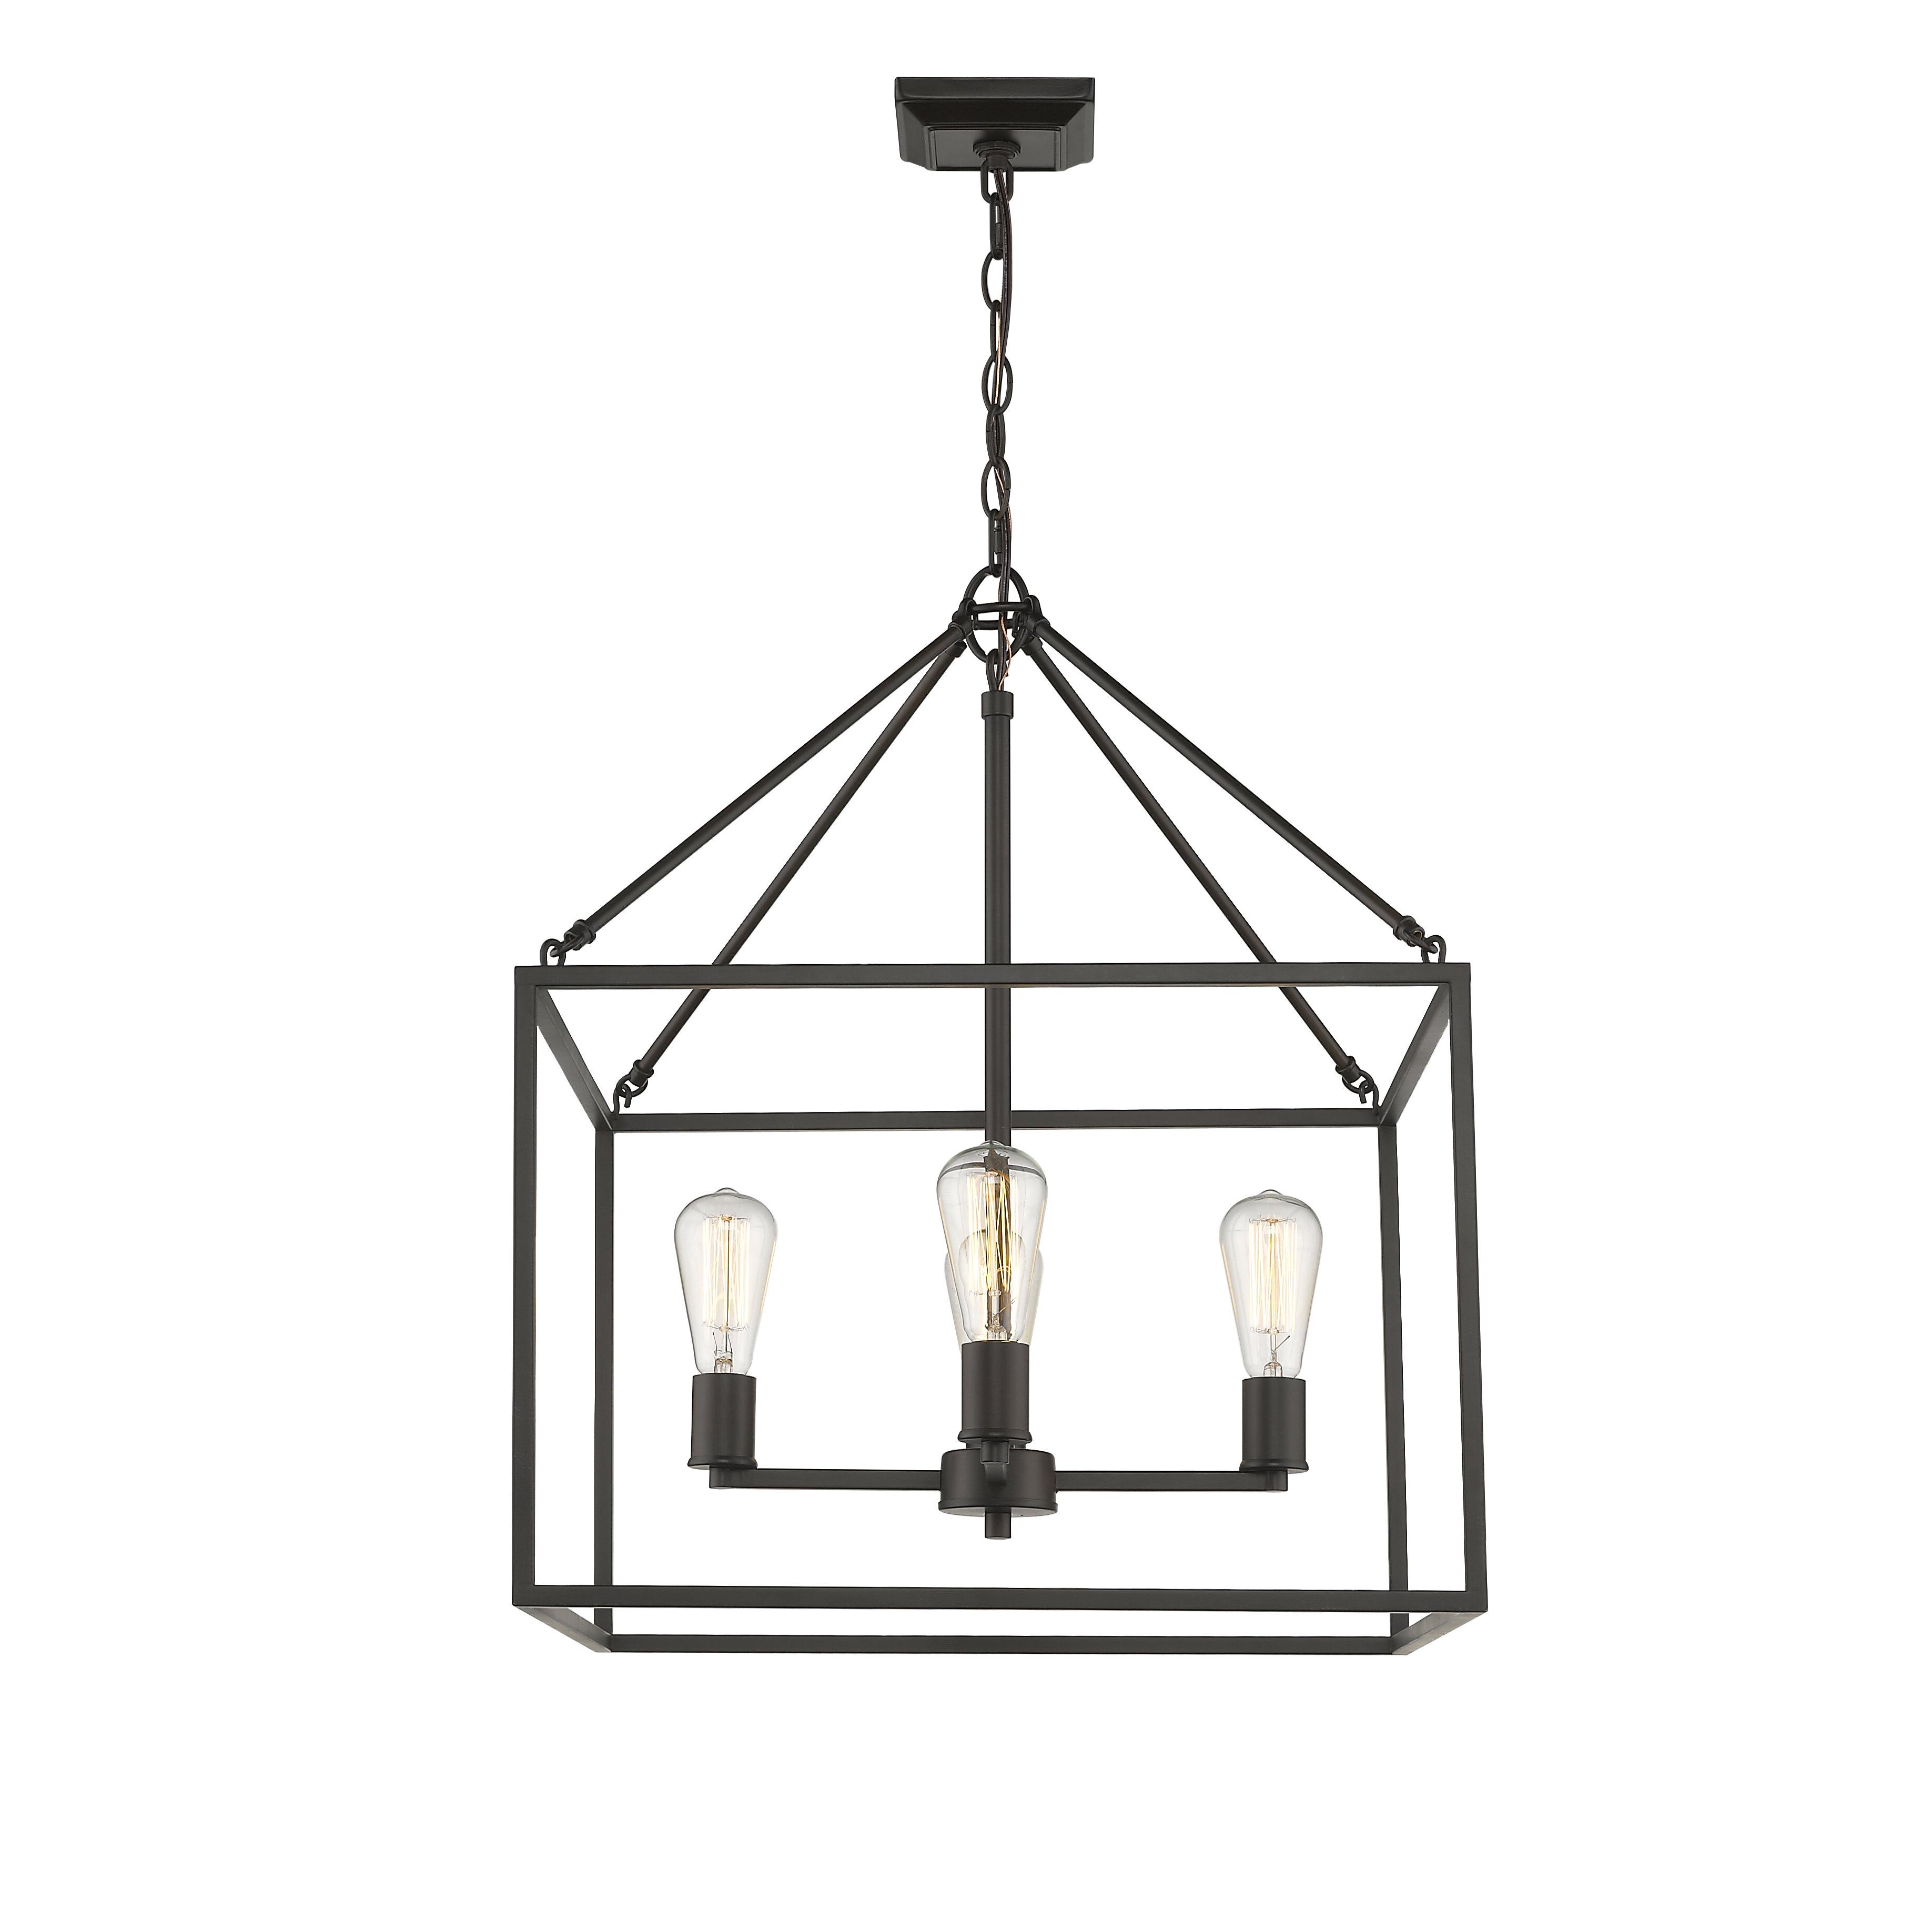 Sherri Ann 3 Light Lantern Square / Rectangle Pendants Intended For Trendy Zabel 4 Light Lantern Square / Rectangle Pendant (View 15 of 20)